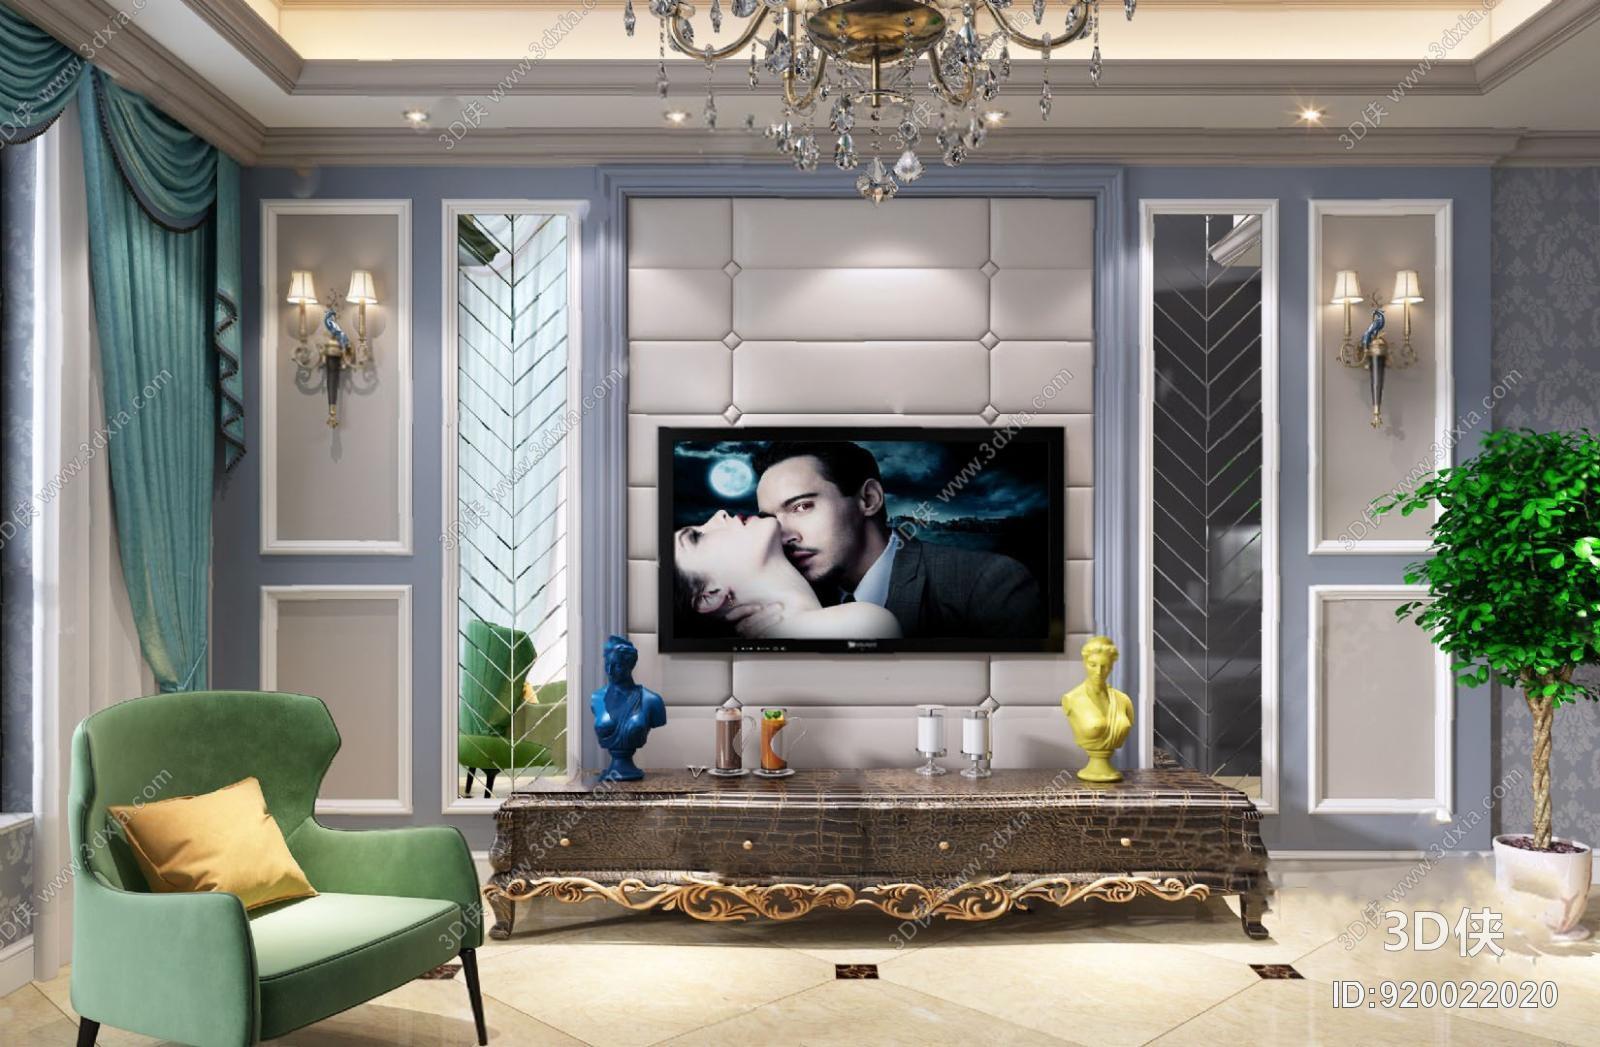 墙绘效果图素材免费下载,本作品主题是电视墙3d模型,编号是920022020